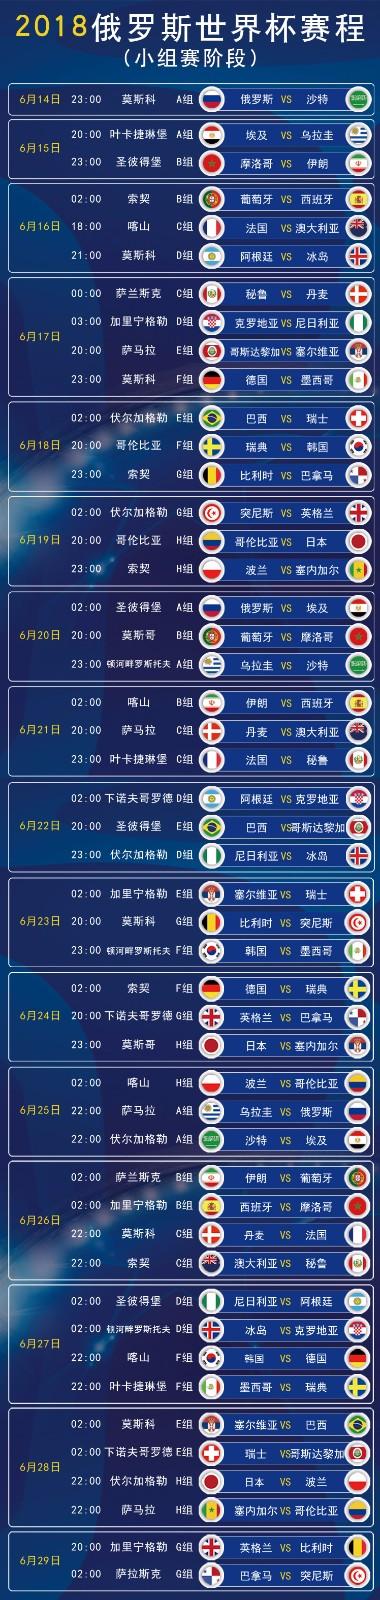 微信世界杯赛程表.jpg